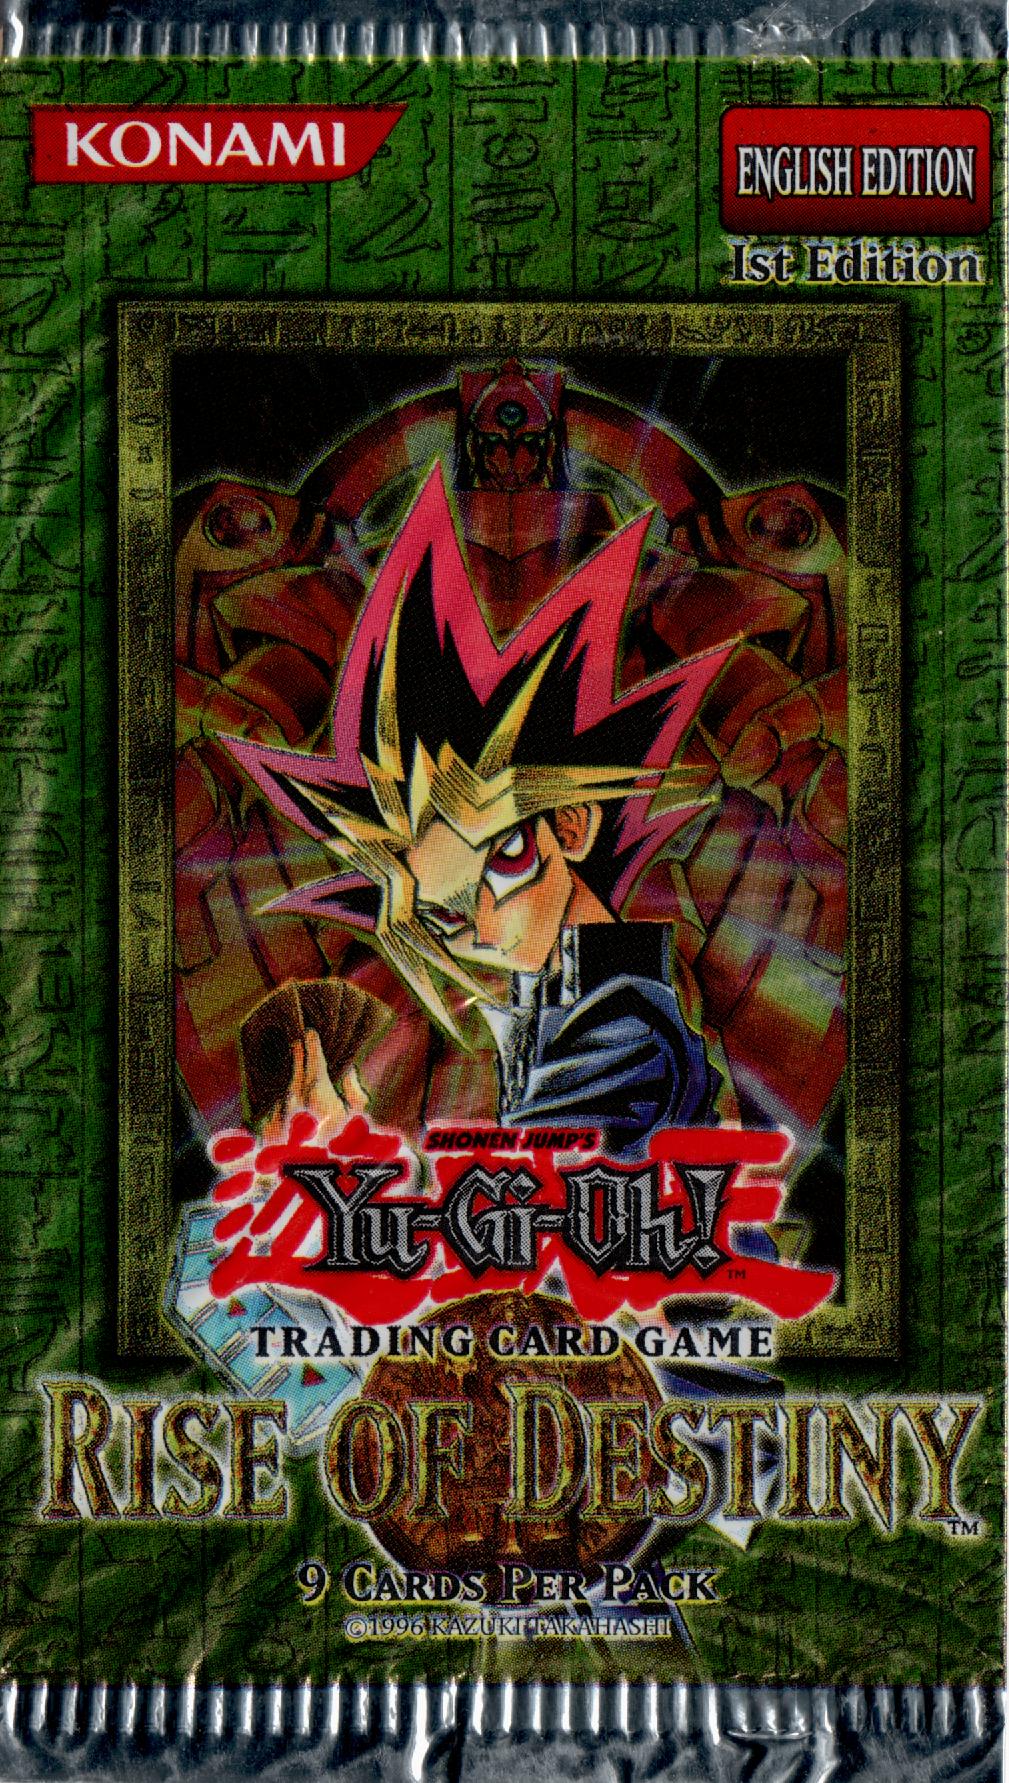 YUGIOH DIVINE WRATH SUPER RARE RDS-EN050 1ST EDITION COUNTER TRAP